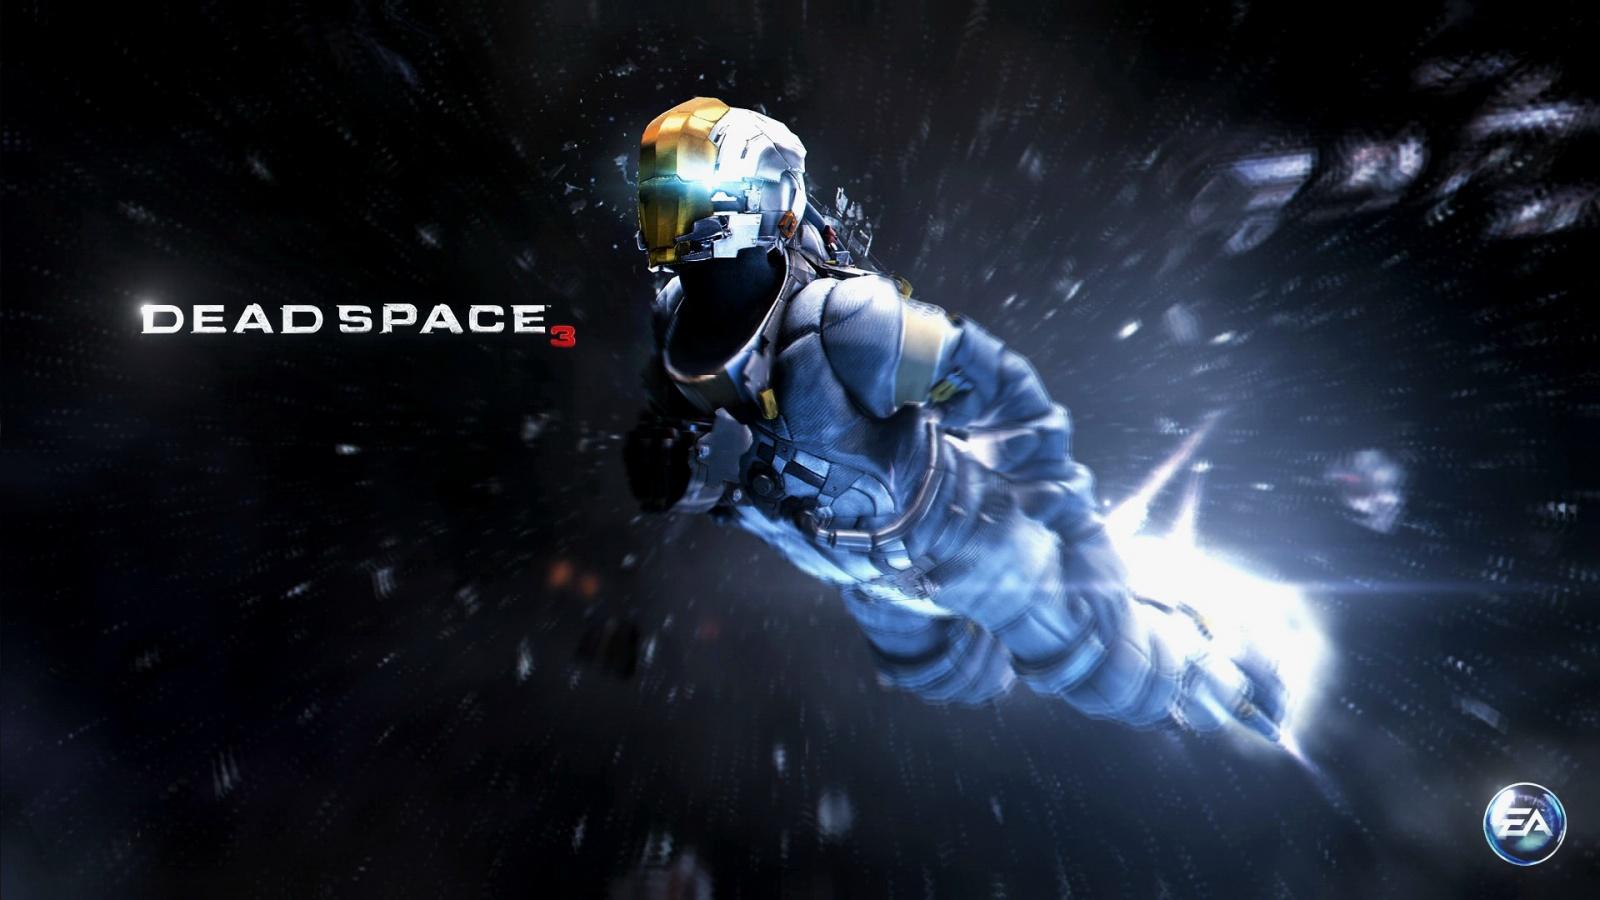 Dead Space 3 Wallpaper 1600x900